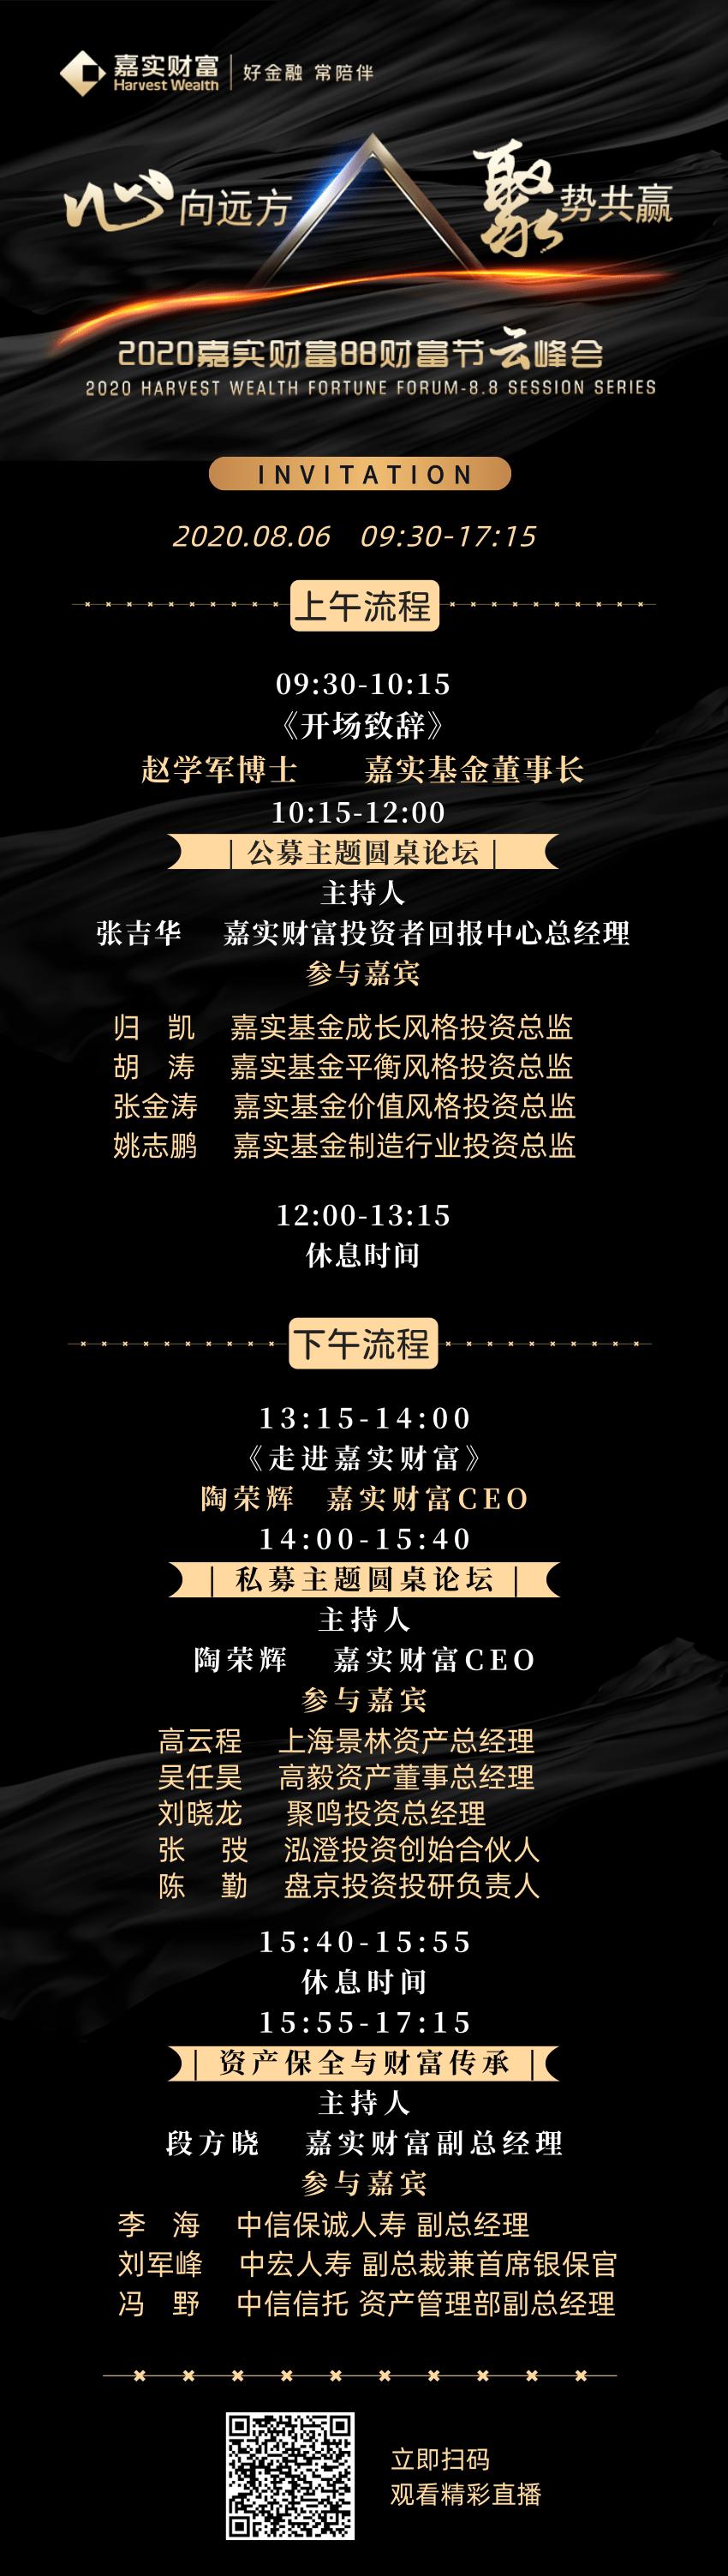 心向远方 聚势共赢—2020嘉实财富88财富节云峰会即将启幕!【文末有礼】